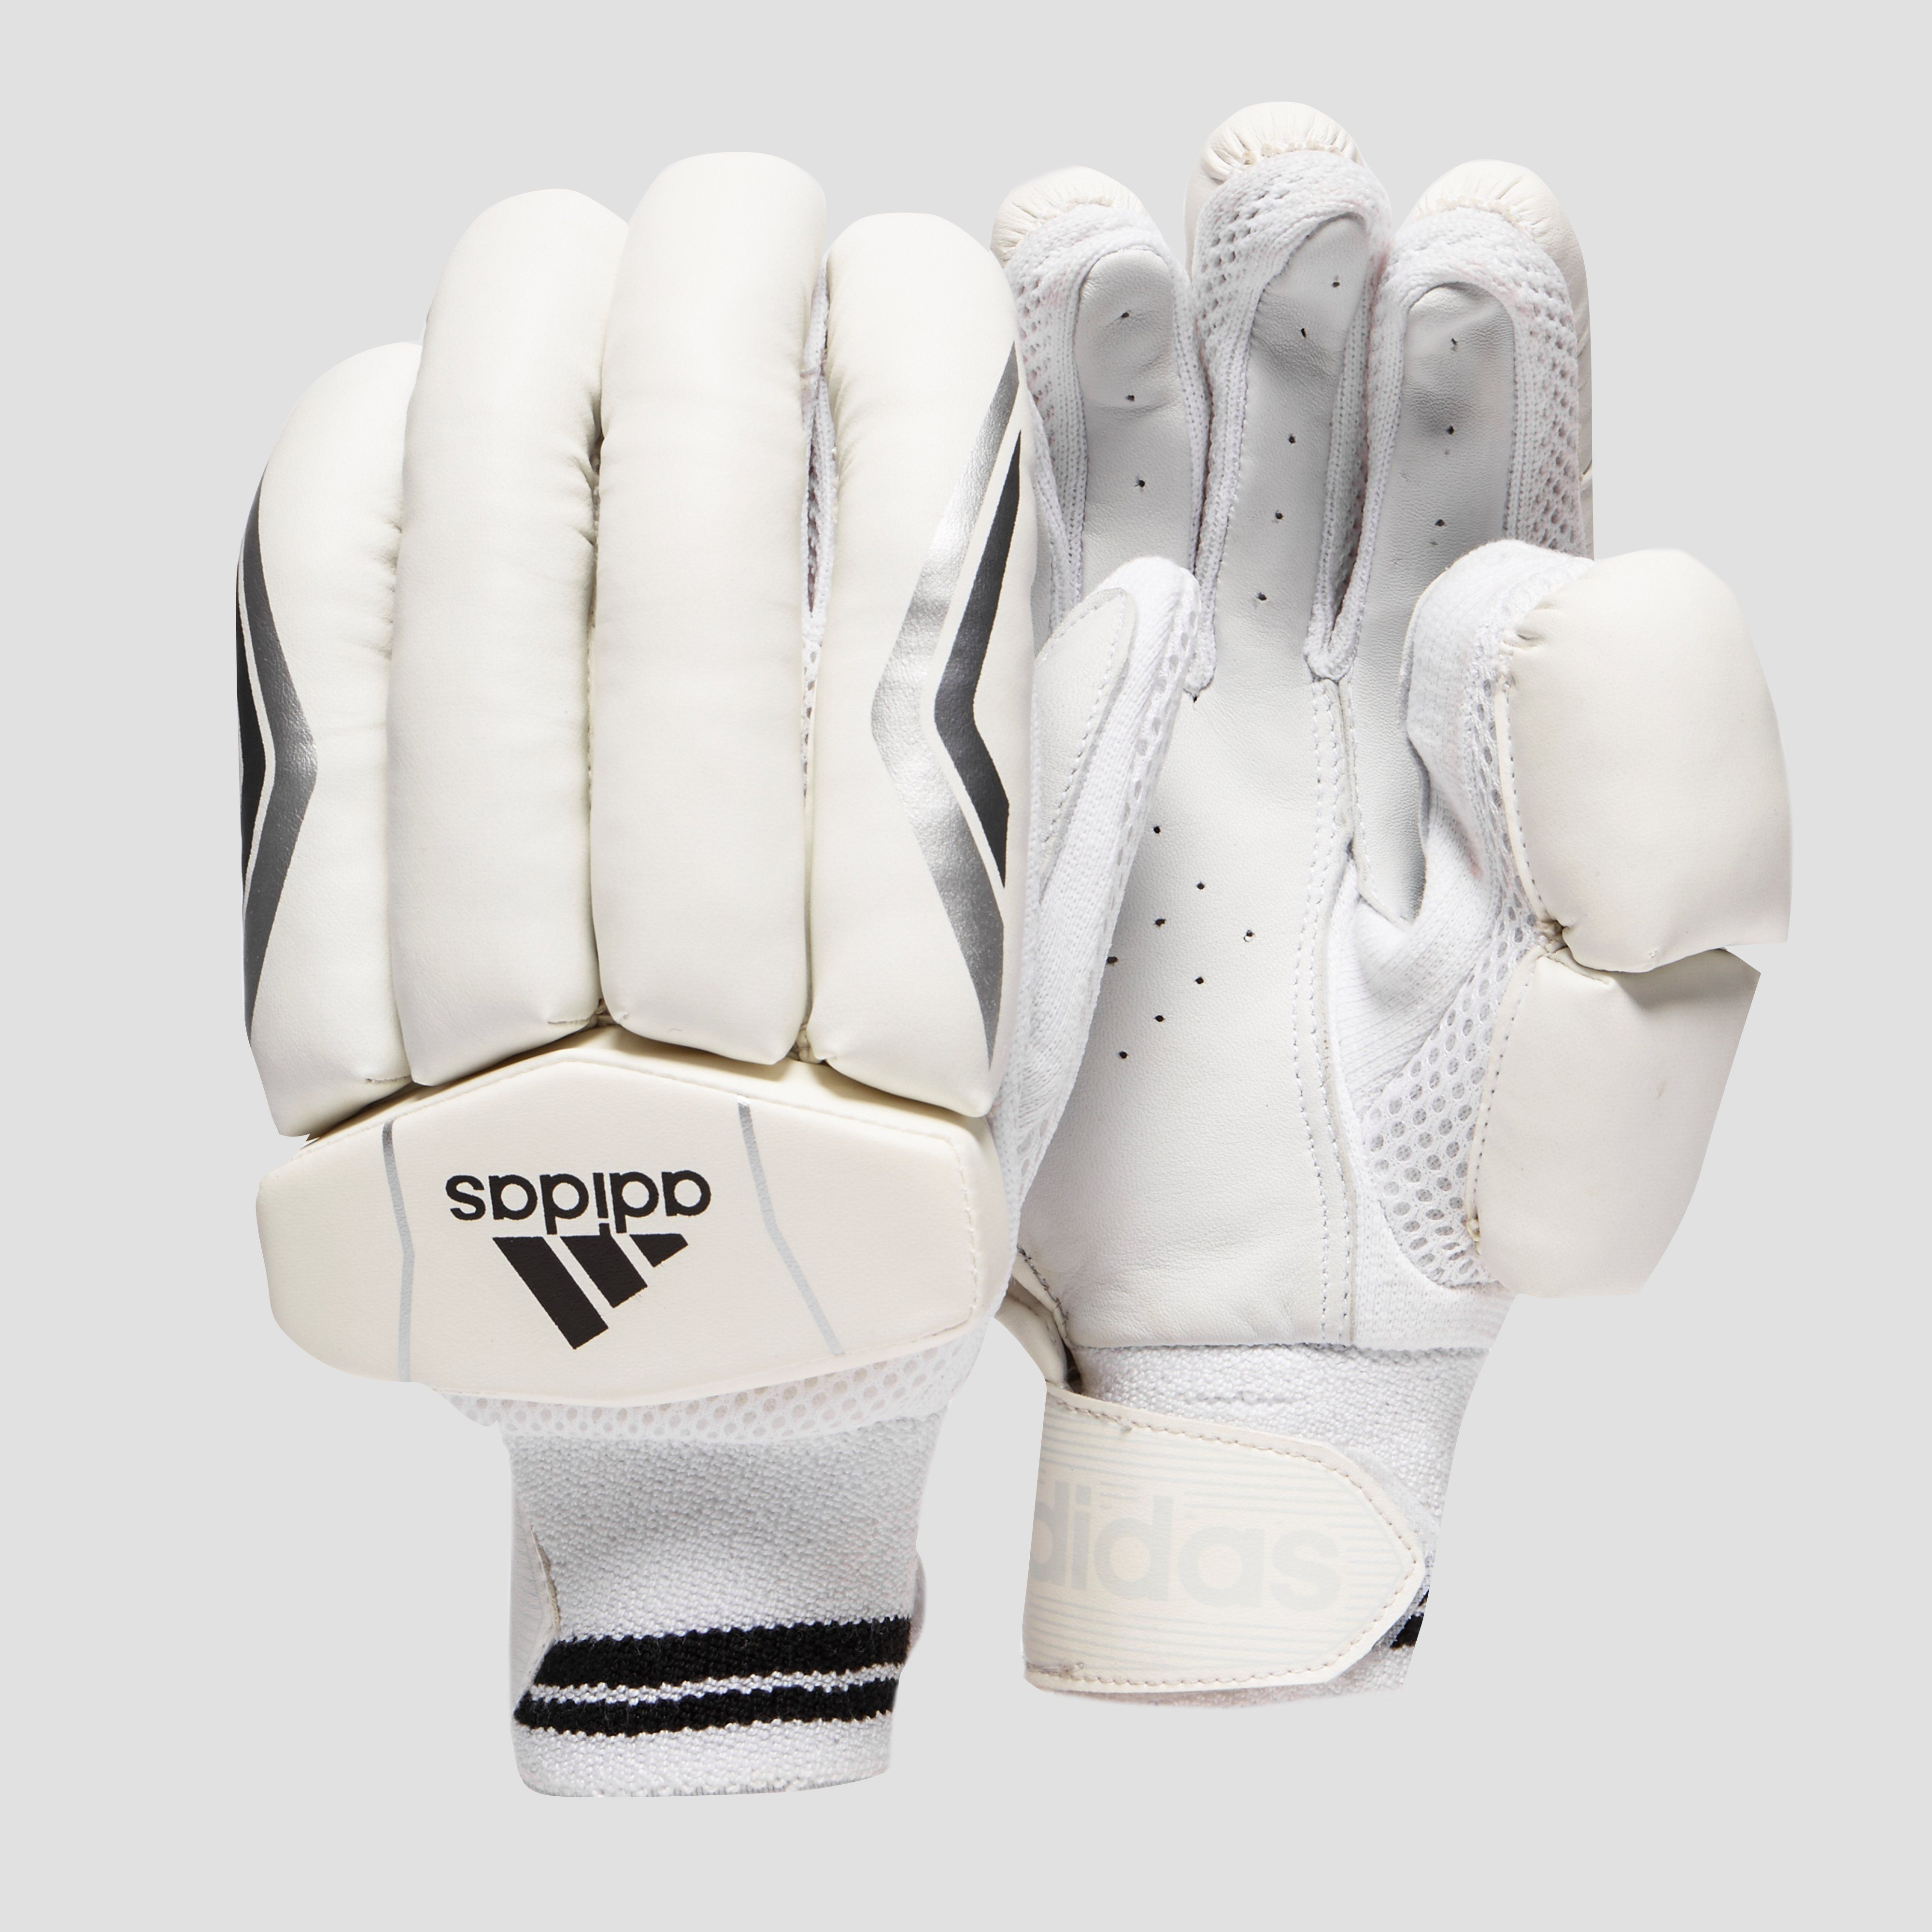 adidas Xt 5.0 Junior Batting Gloves